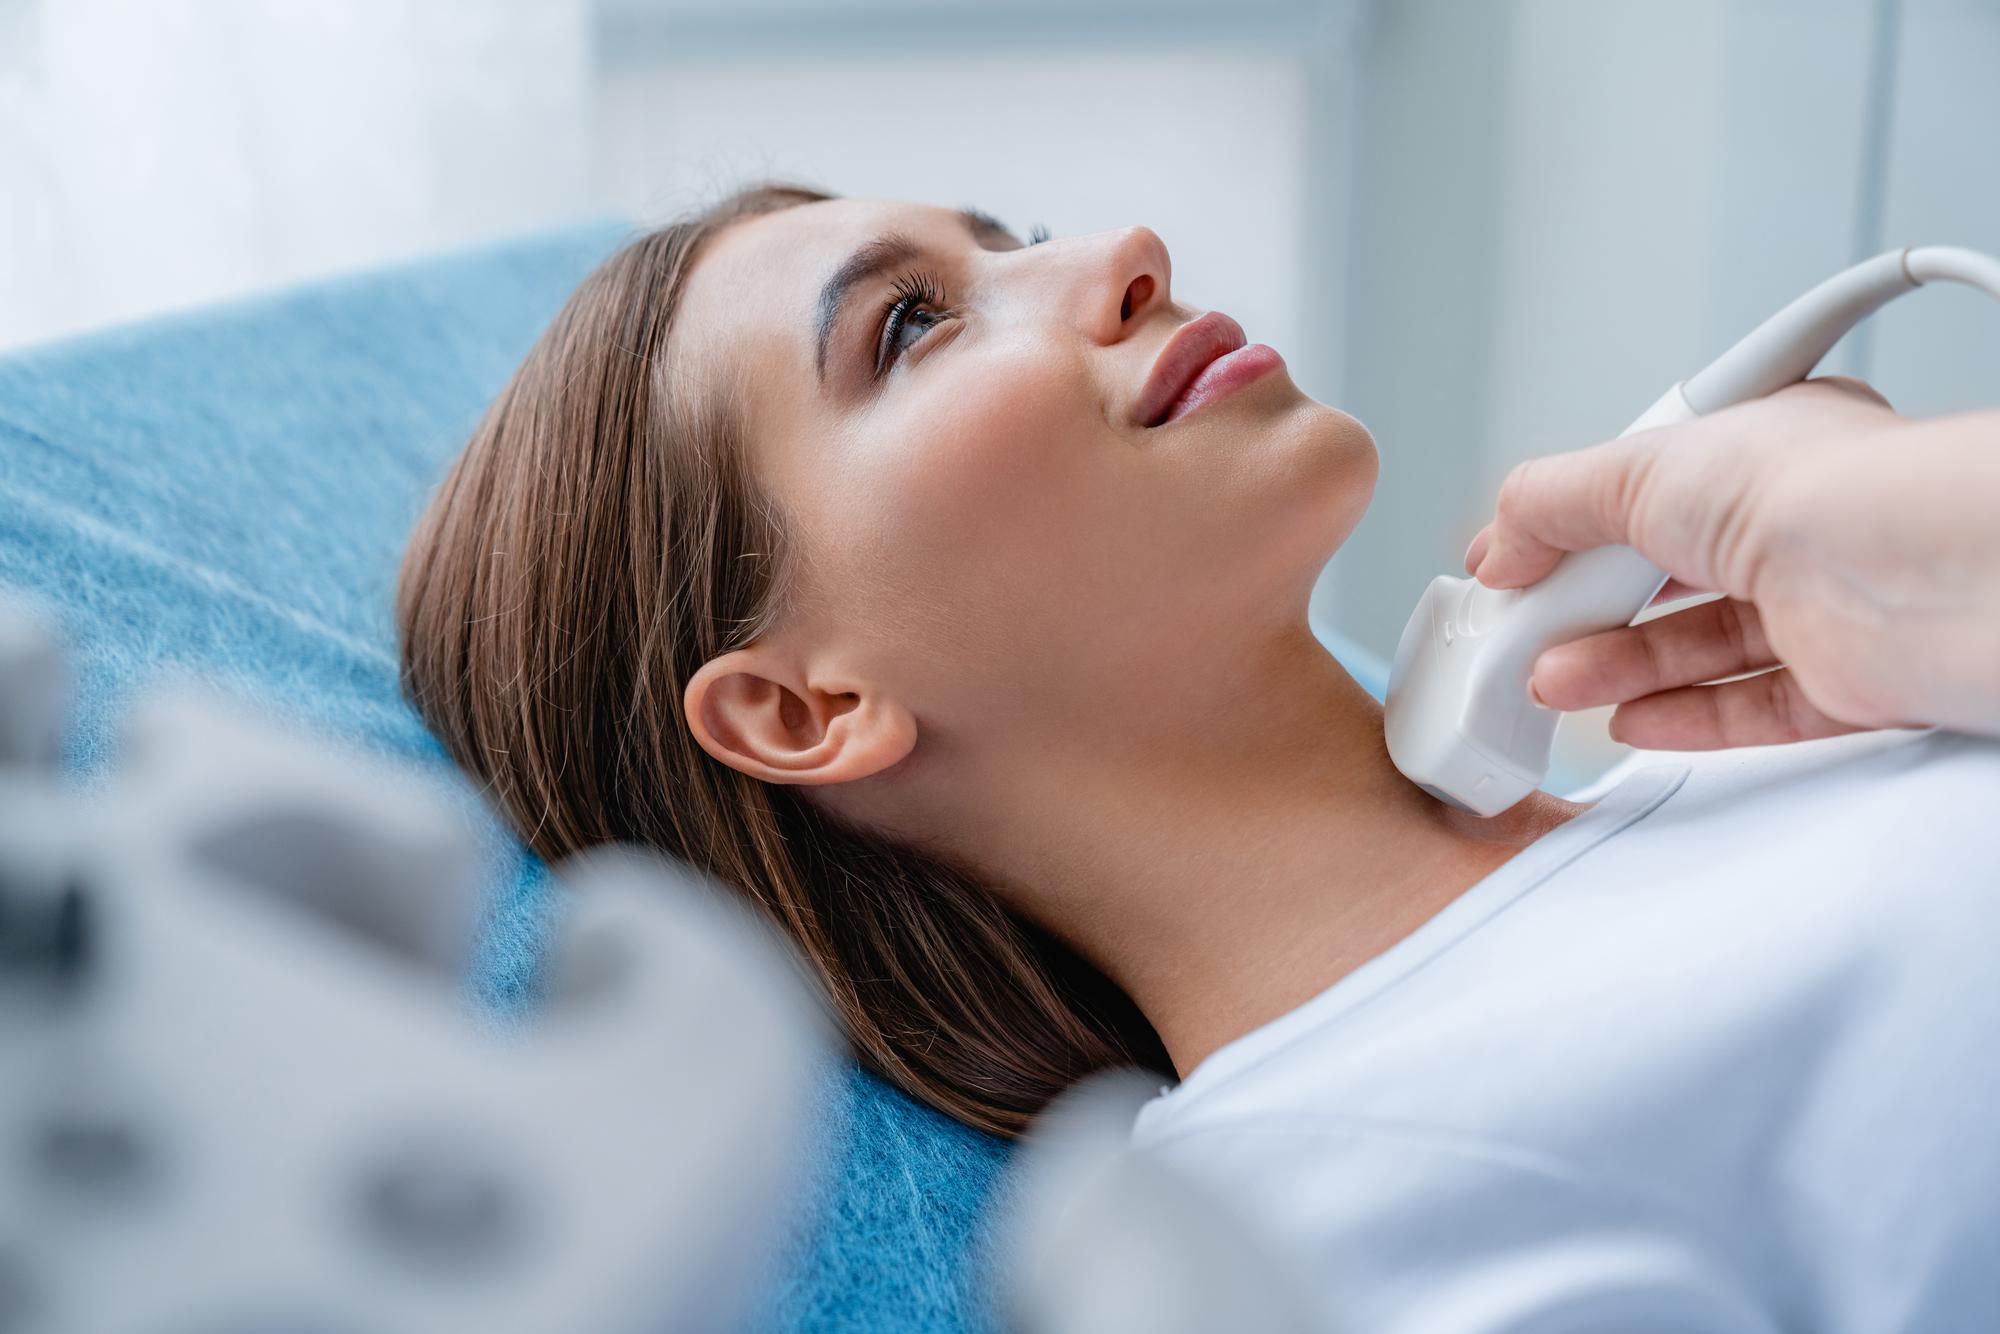 Choosing a Thyroid Surgeon